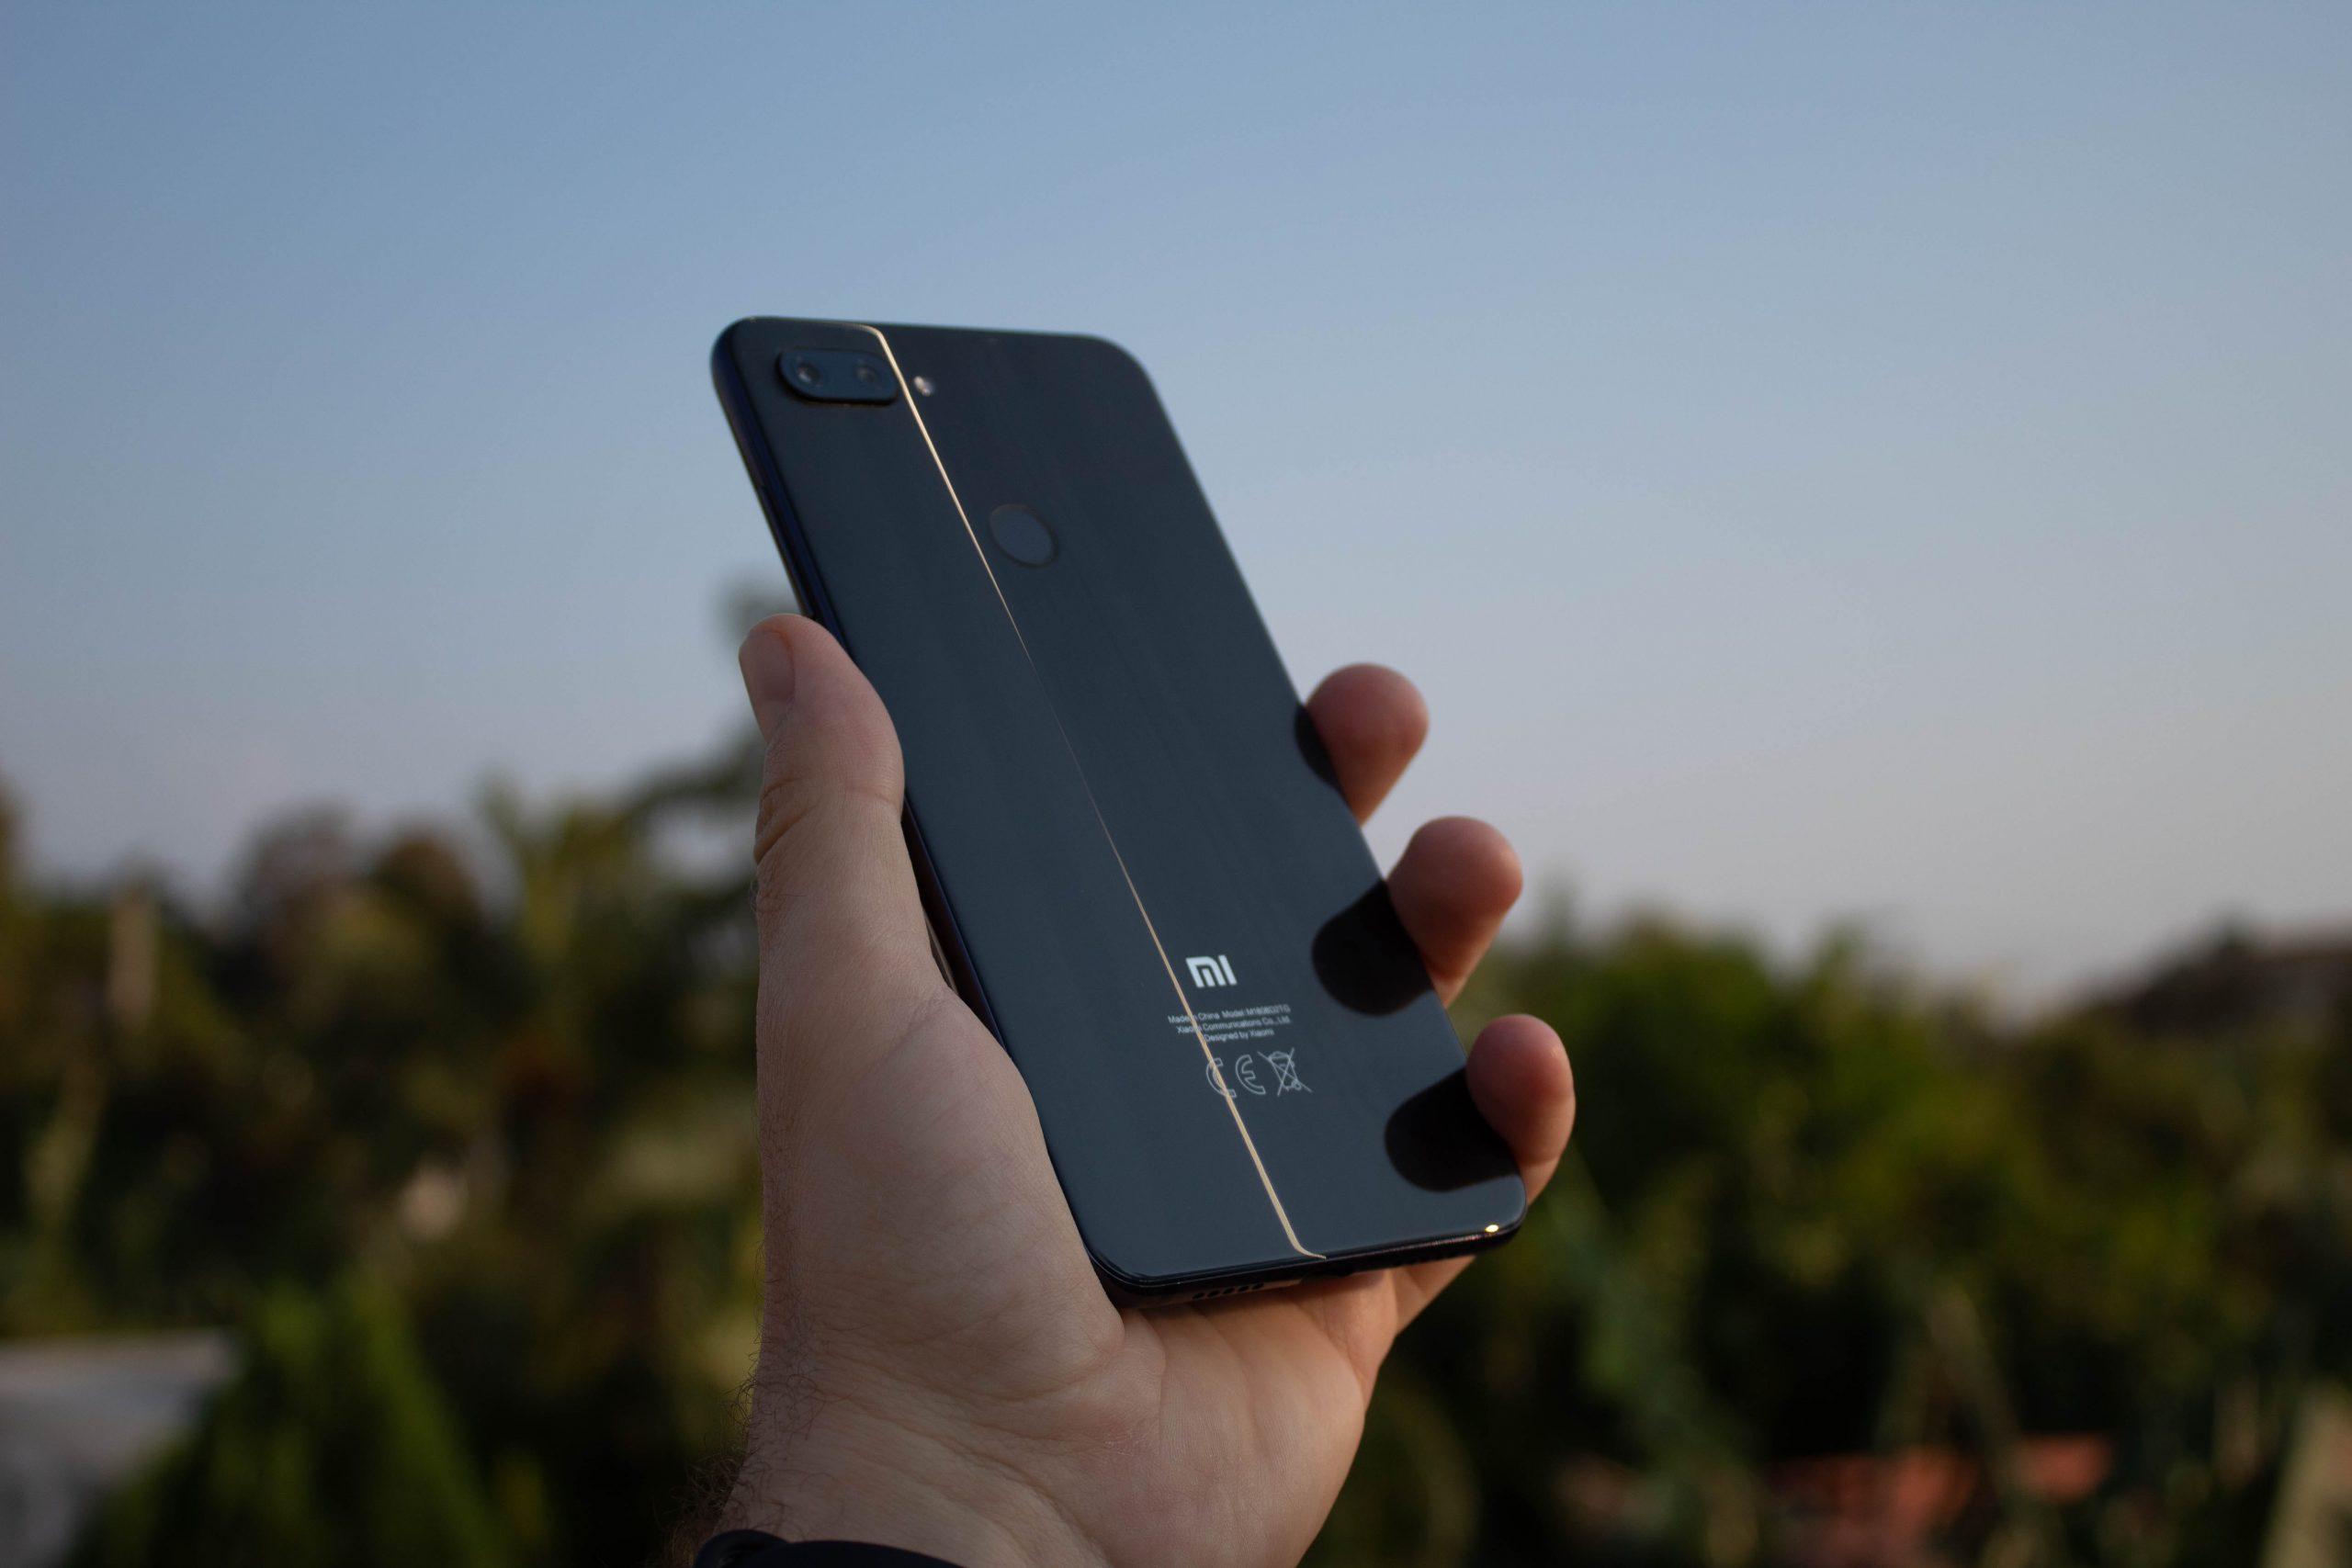 imagen de una mano sosteniendo un móvil Xiaomi